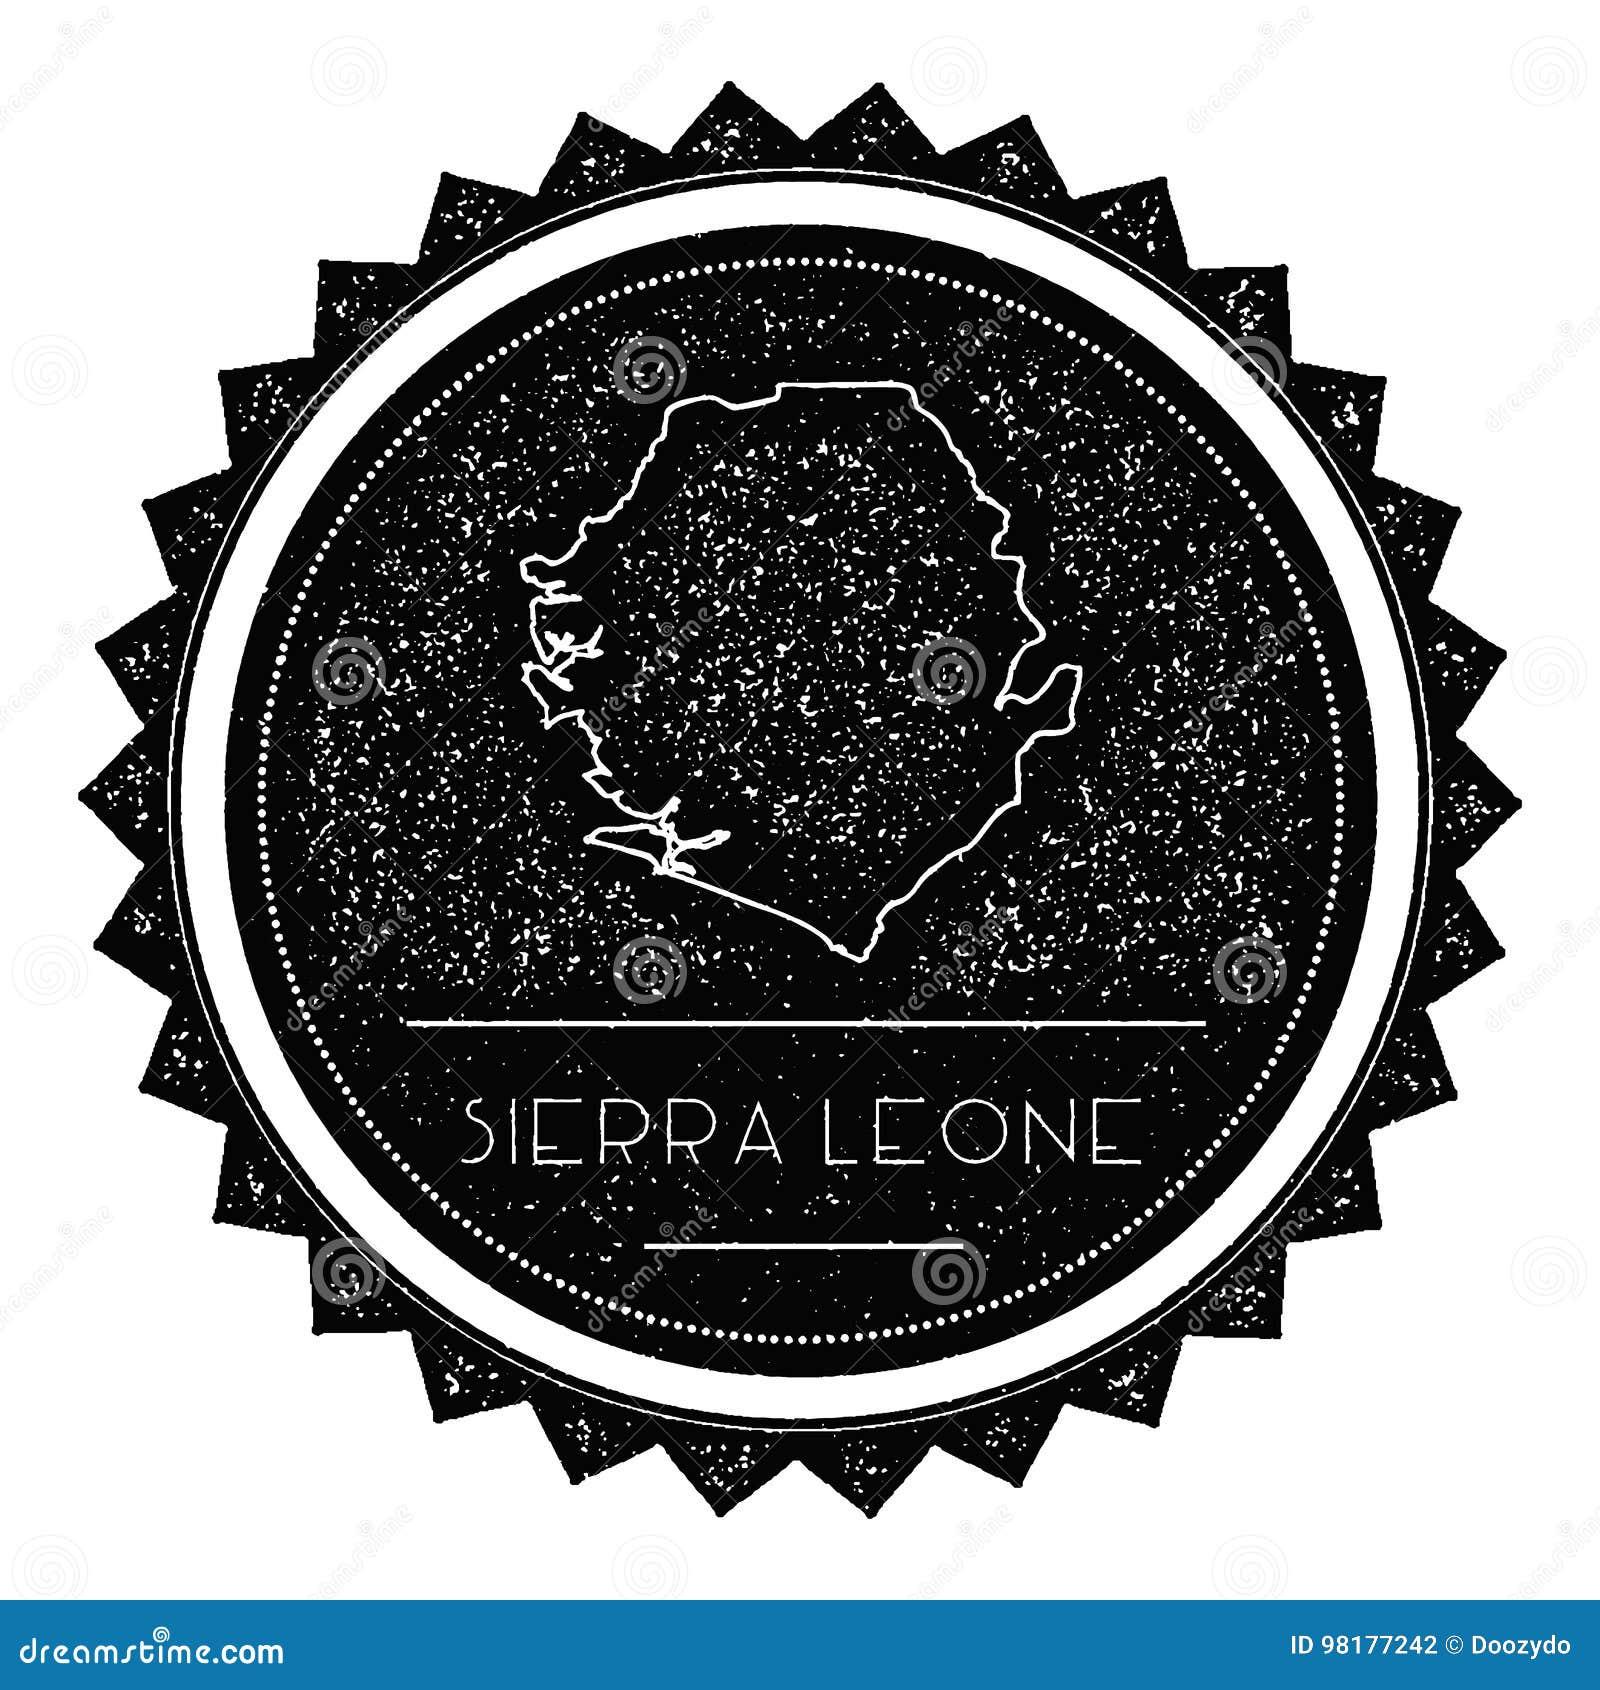 Serra Leone Map Label com o vintage retro denominado